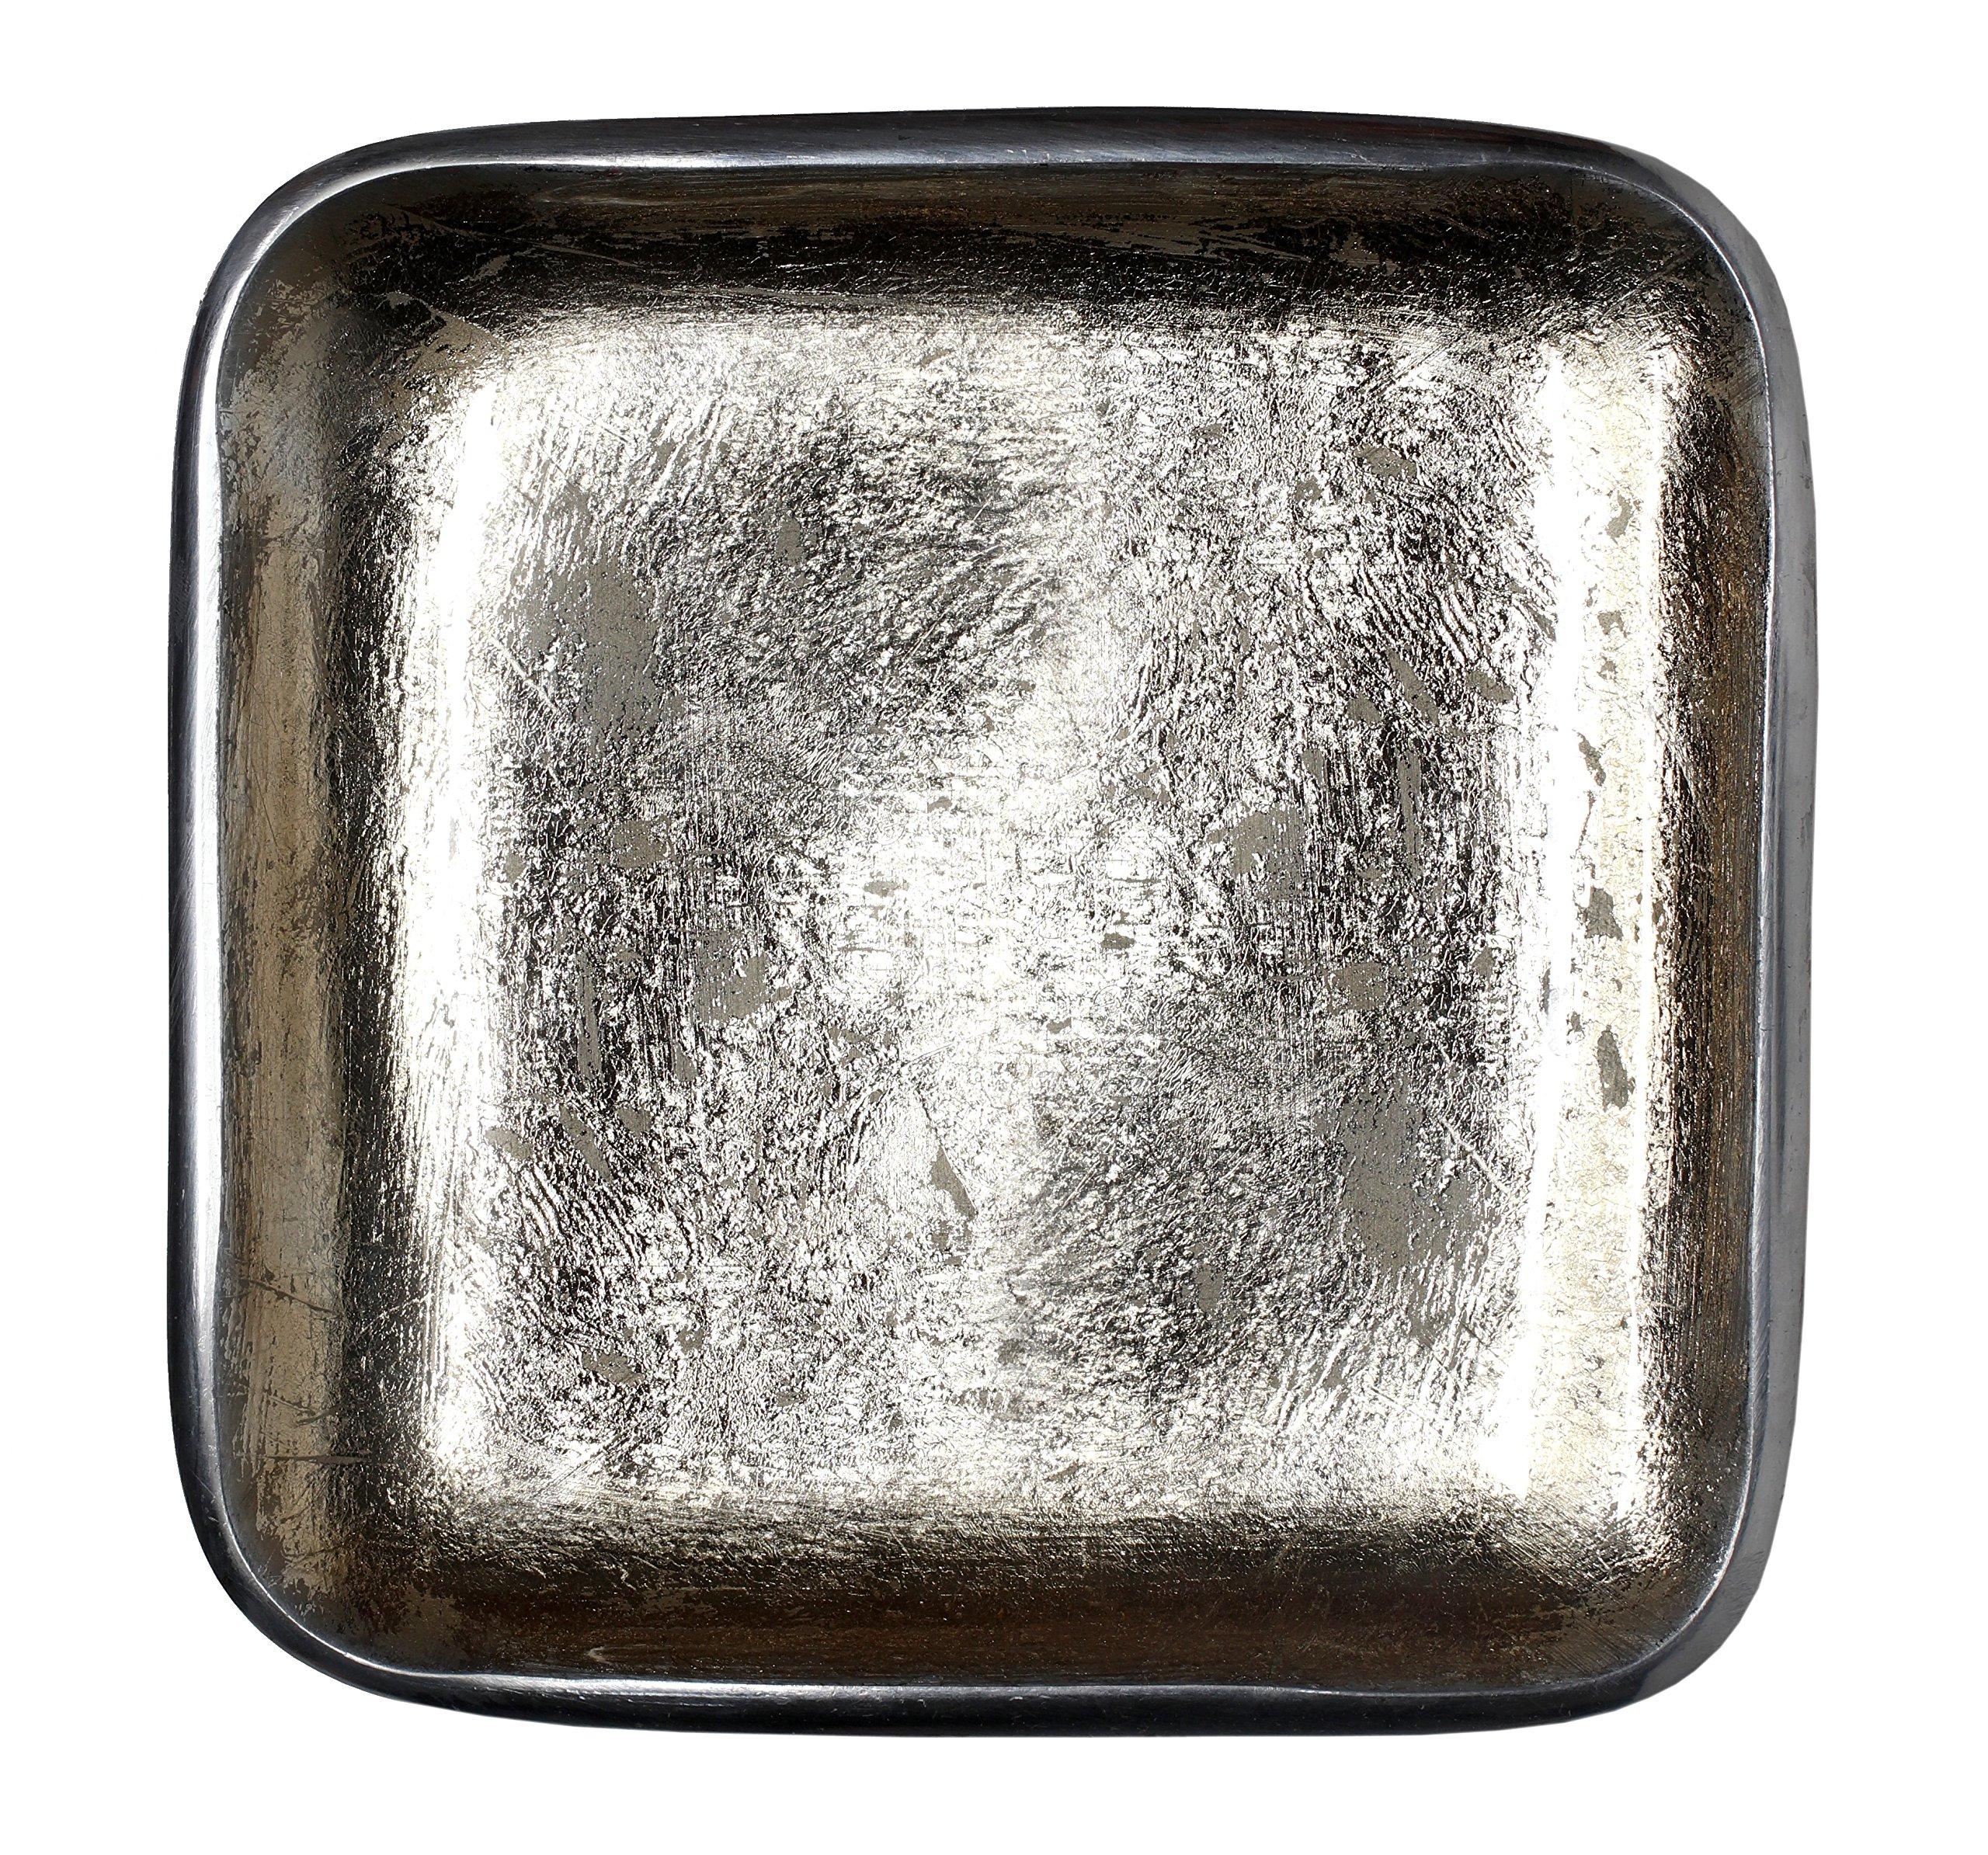 Melange Home Decor Square Tray Platter 8.25-inch Bowl, Color - Beige, Pack of 6